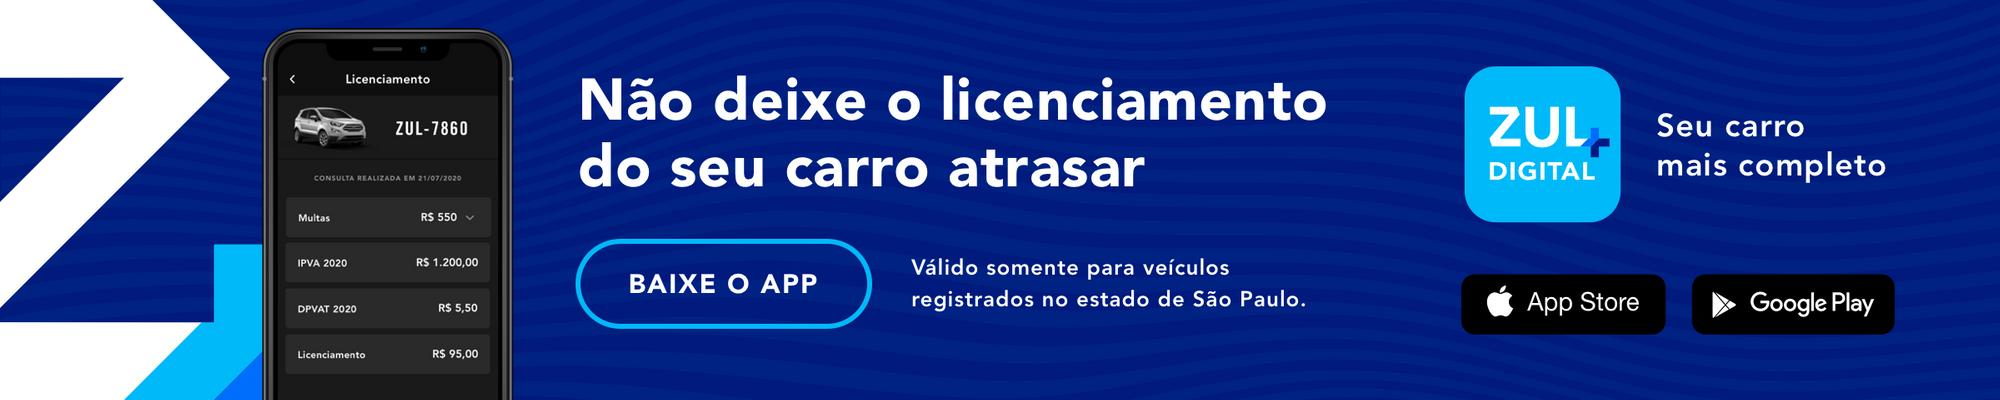 banner zul+ Não deixe o licenciamento do seu carro atrasar